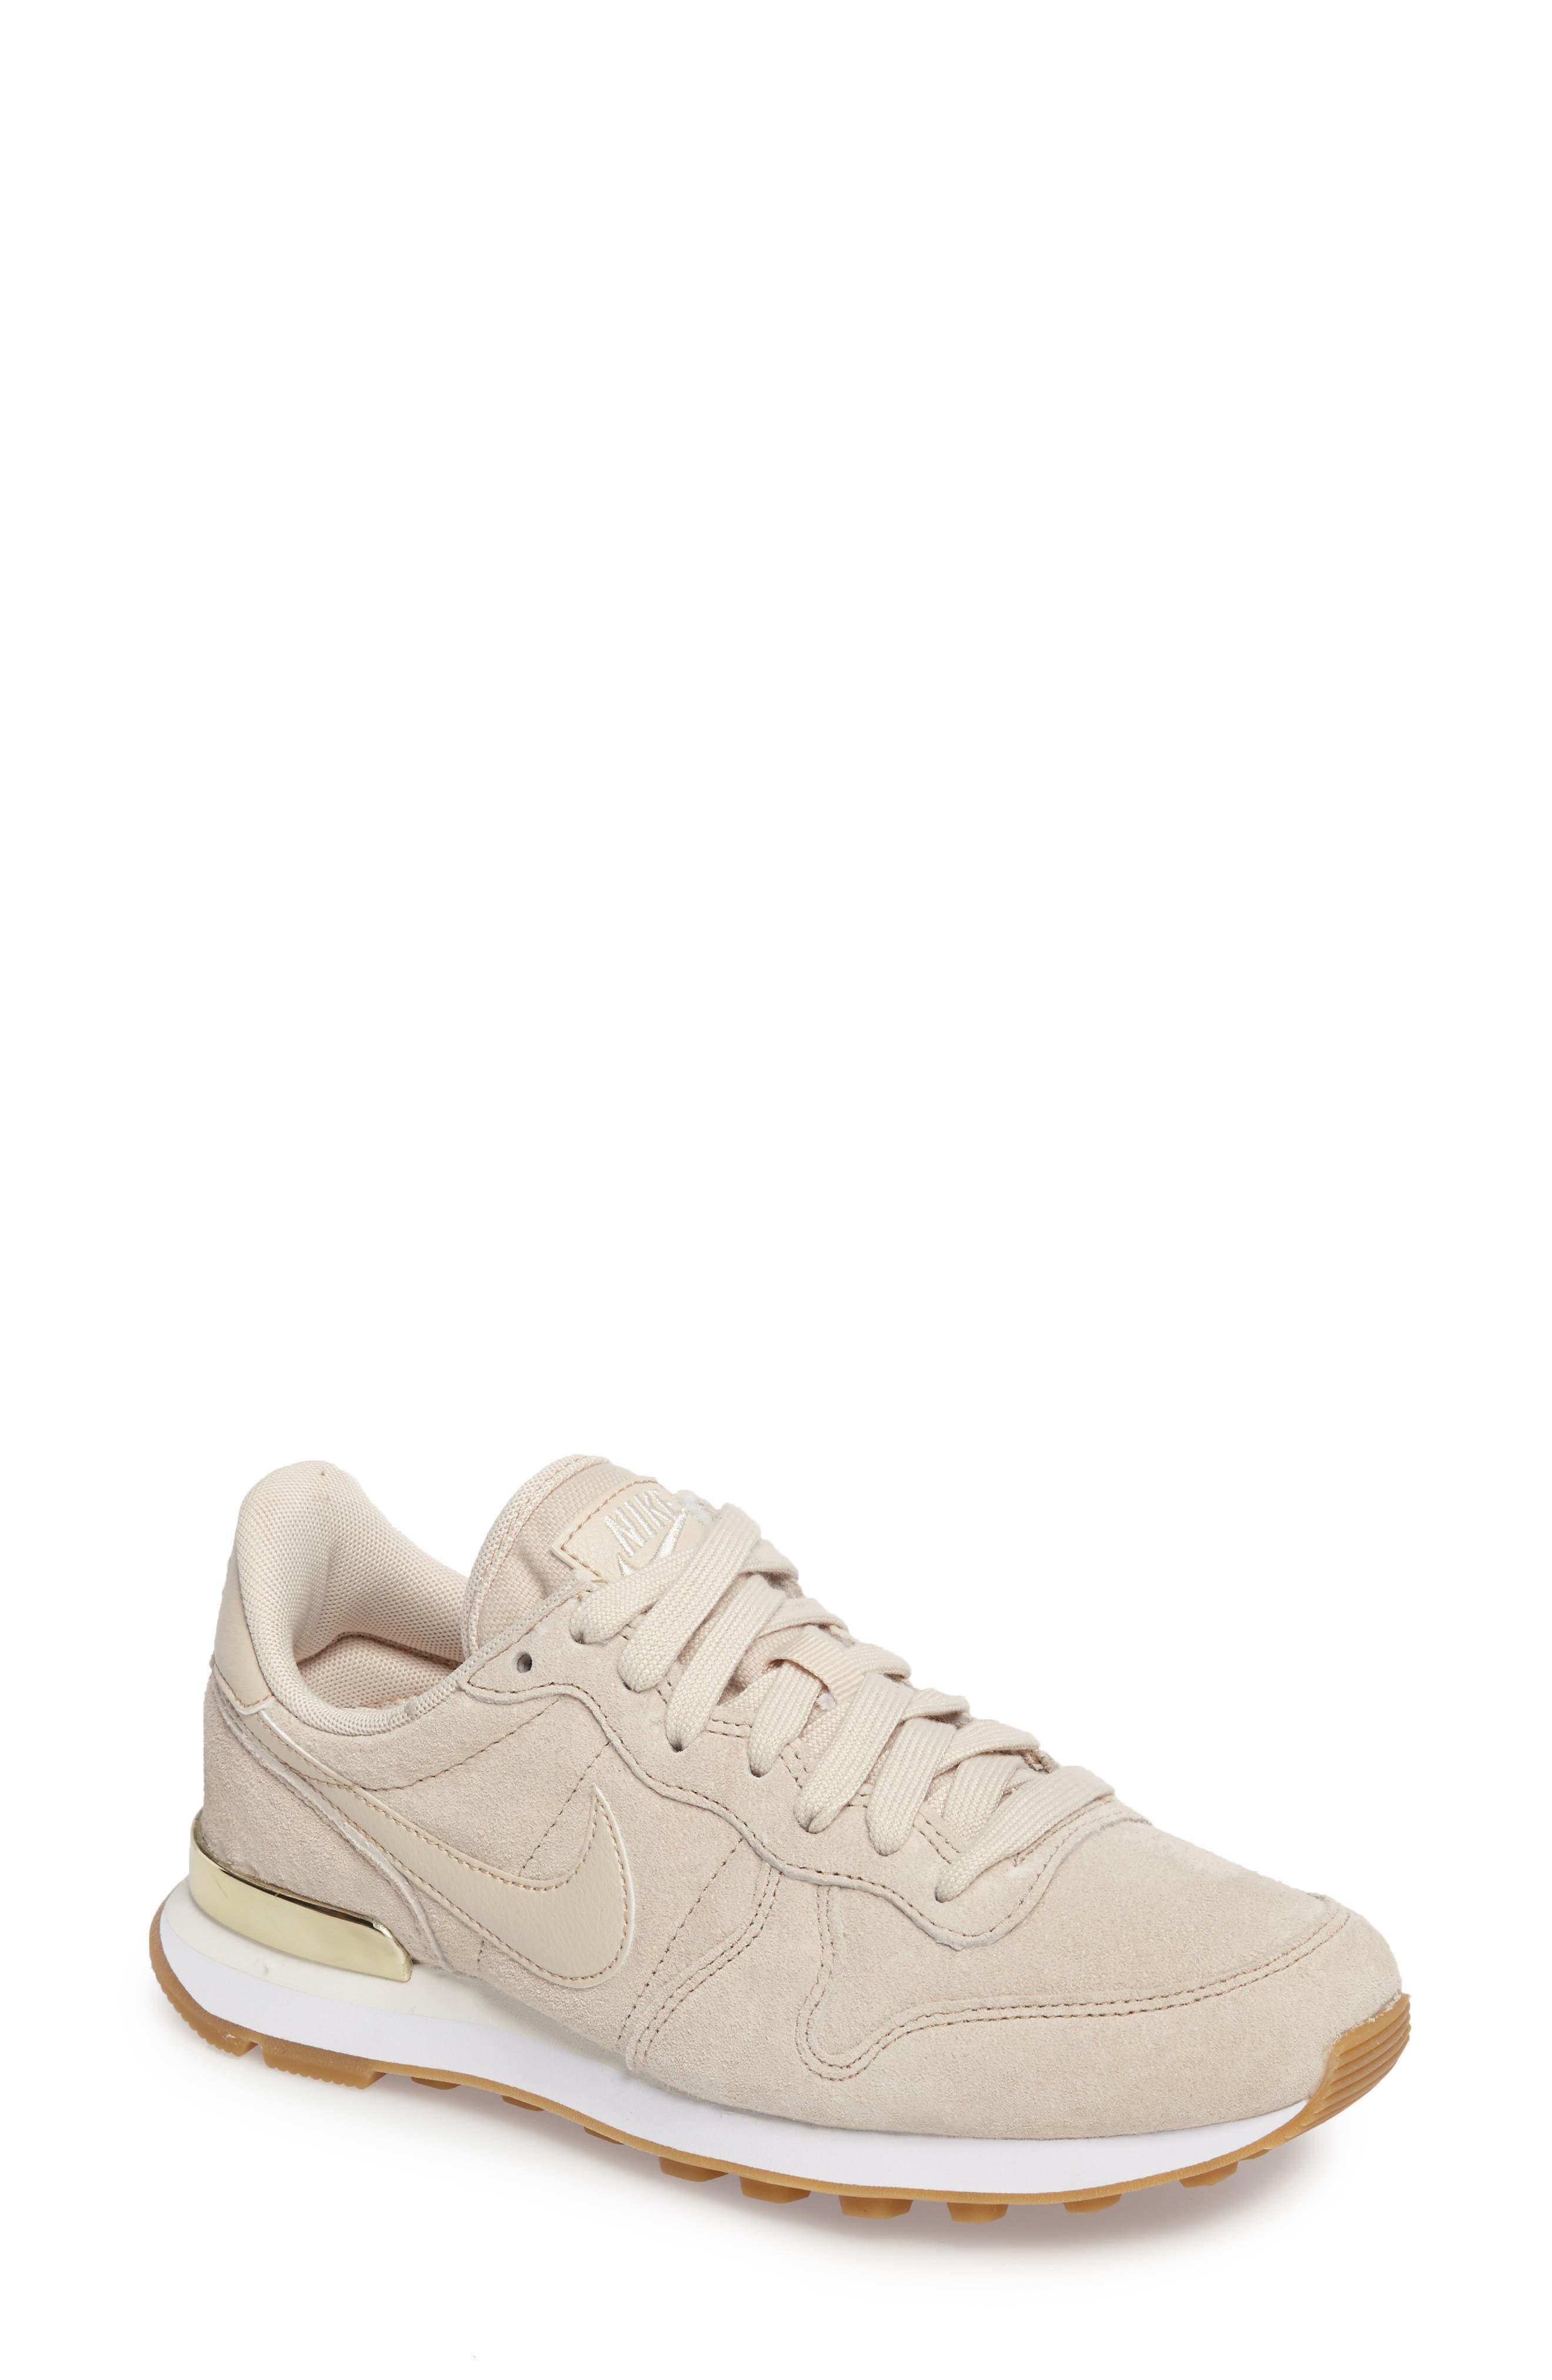 Nike Internationalist SD Sneaker (Women)